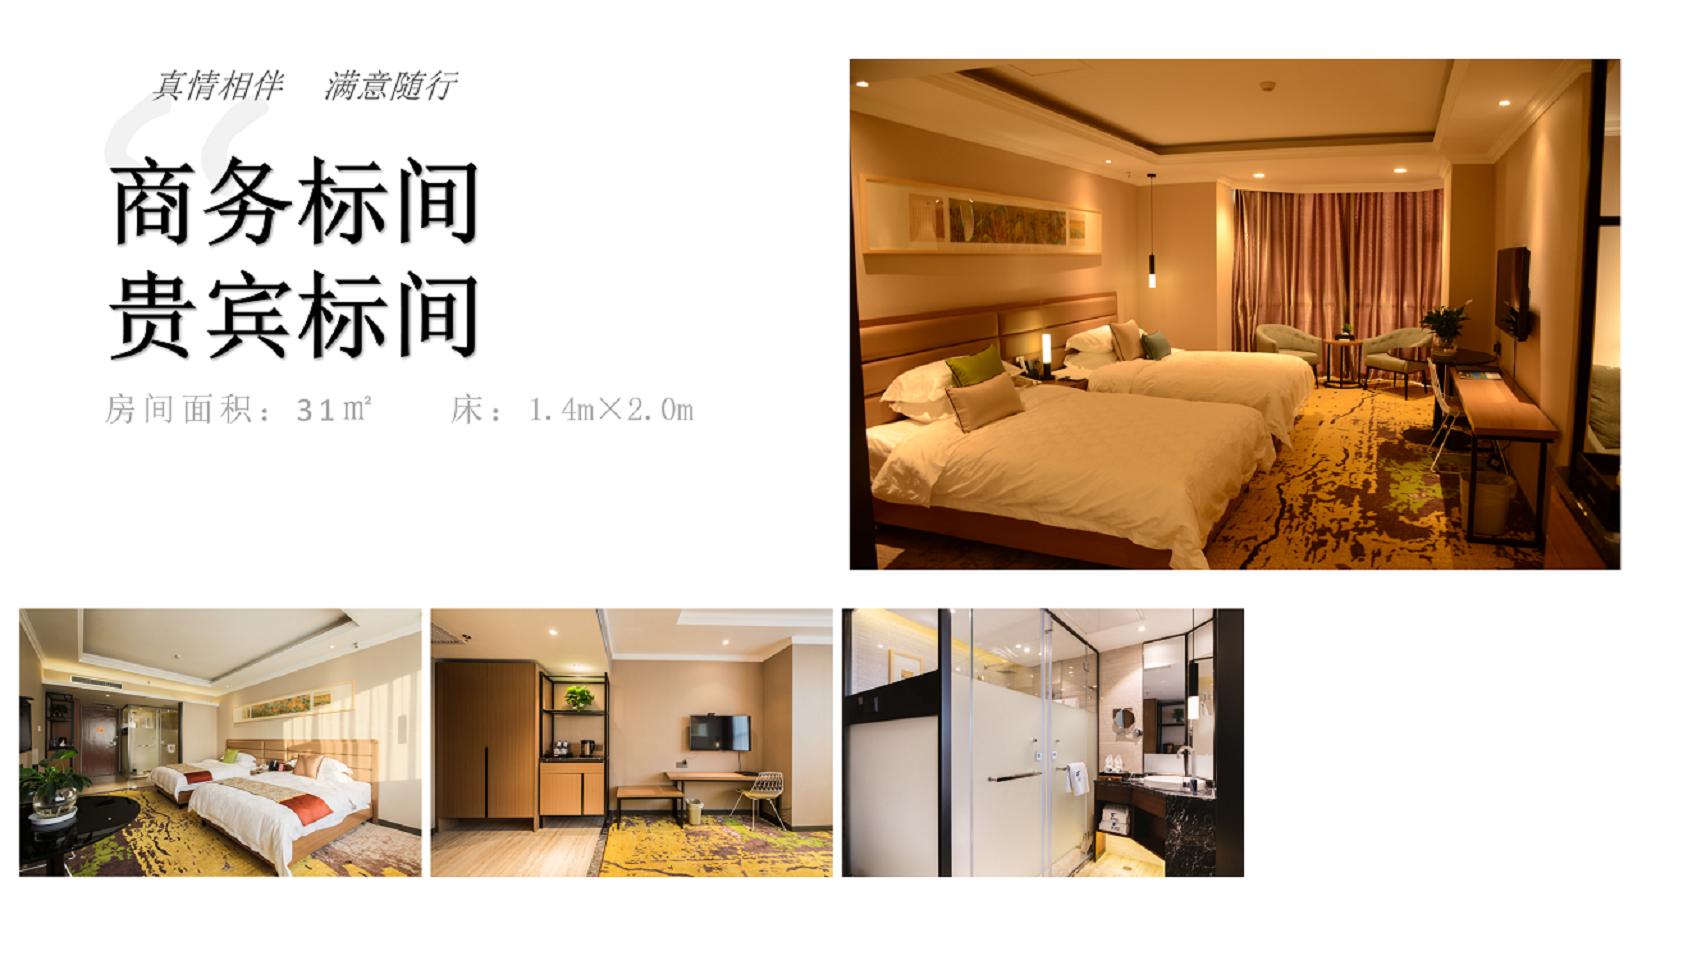 云美旅国际酒店_06.png